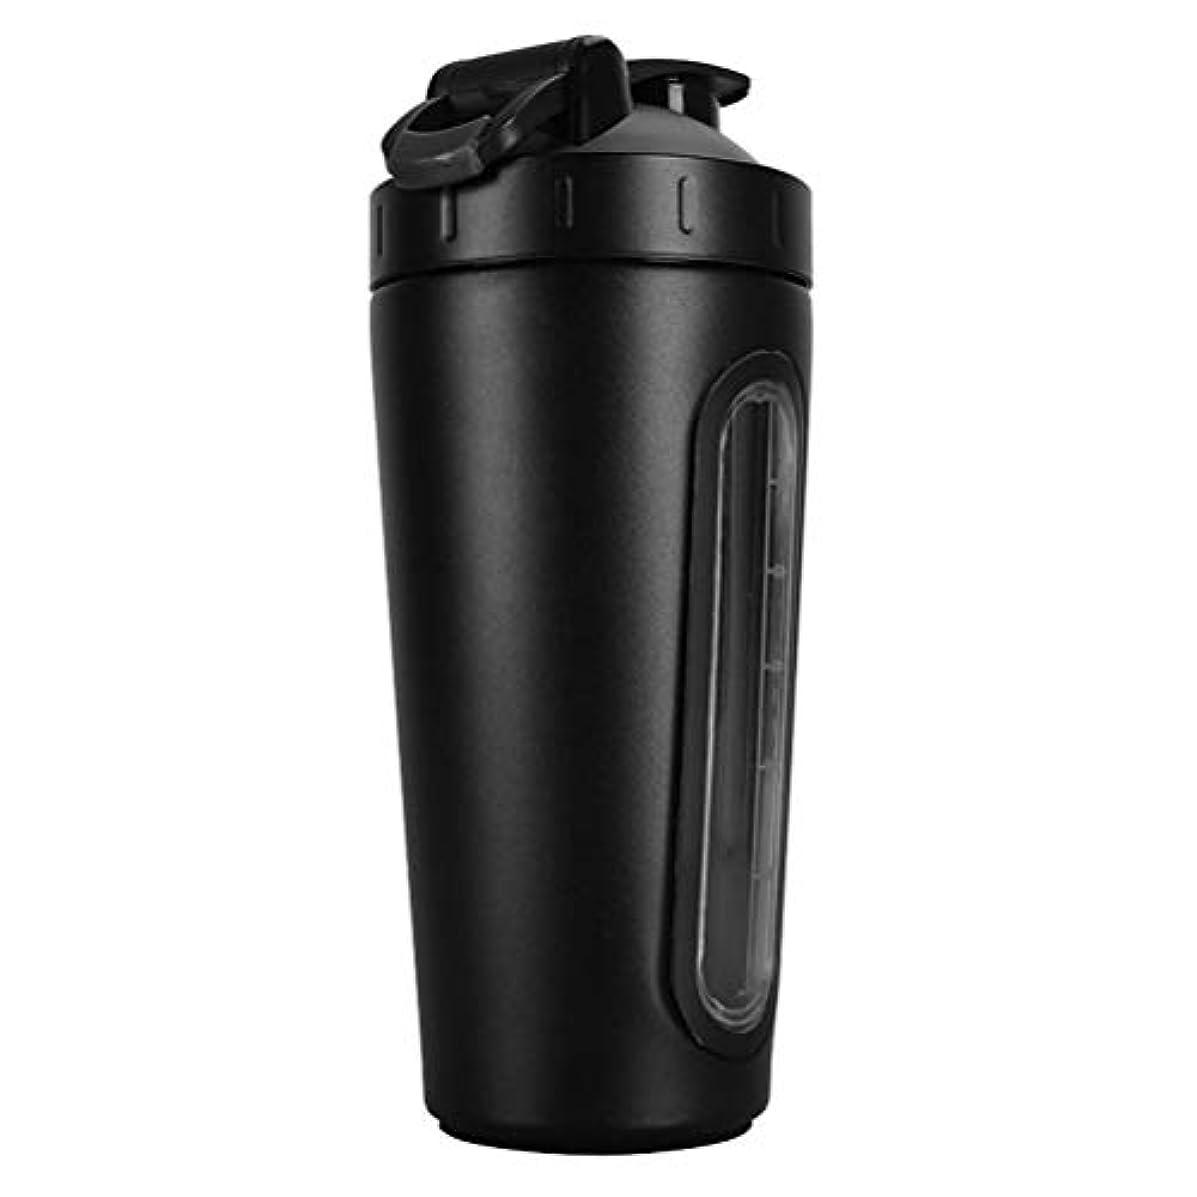 ロードされた飢えシュートErose-BD 2019新型 304ステンレスプロテインシェイカーボトル プロテインシェイカー シェイカー ボトル 水筒 ウォーターボトル (800ml) 1個 黒